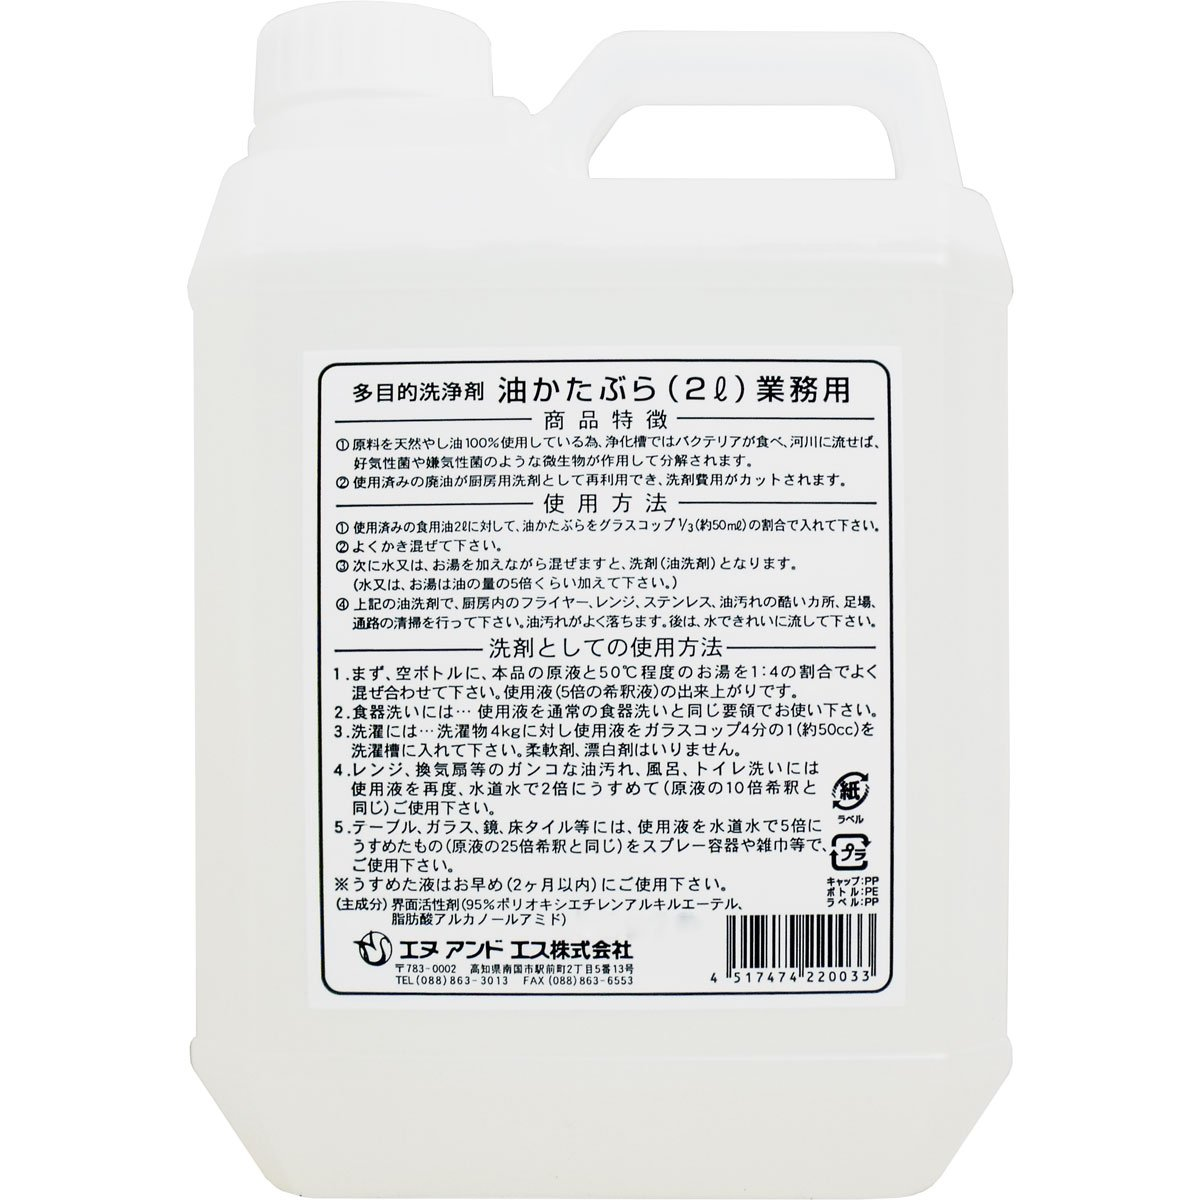 多目的 洗浄剤 天然ヤシ油より精製した 優しい 多目的洗浄剤 油かたぶら 業務用 2L【2個セット】 B00TIDIWQE